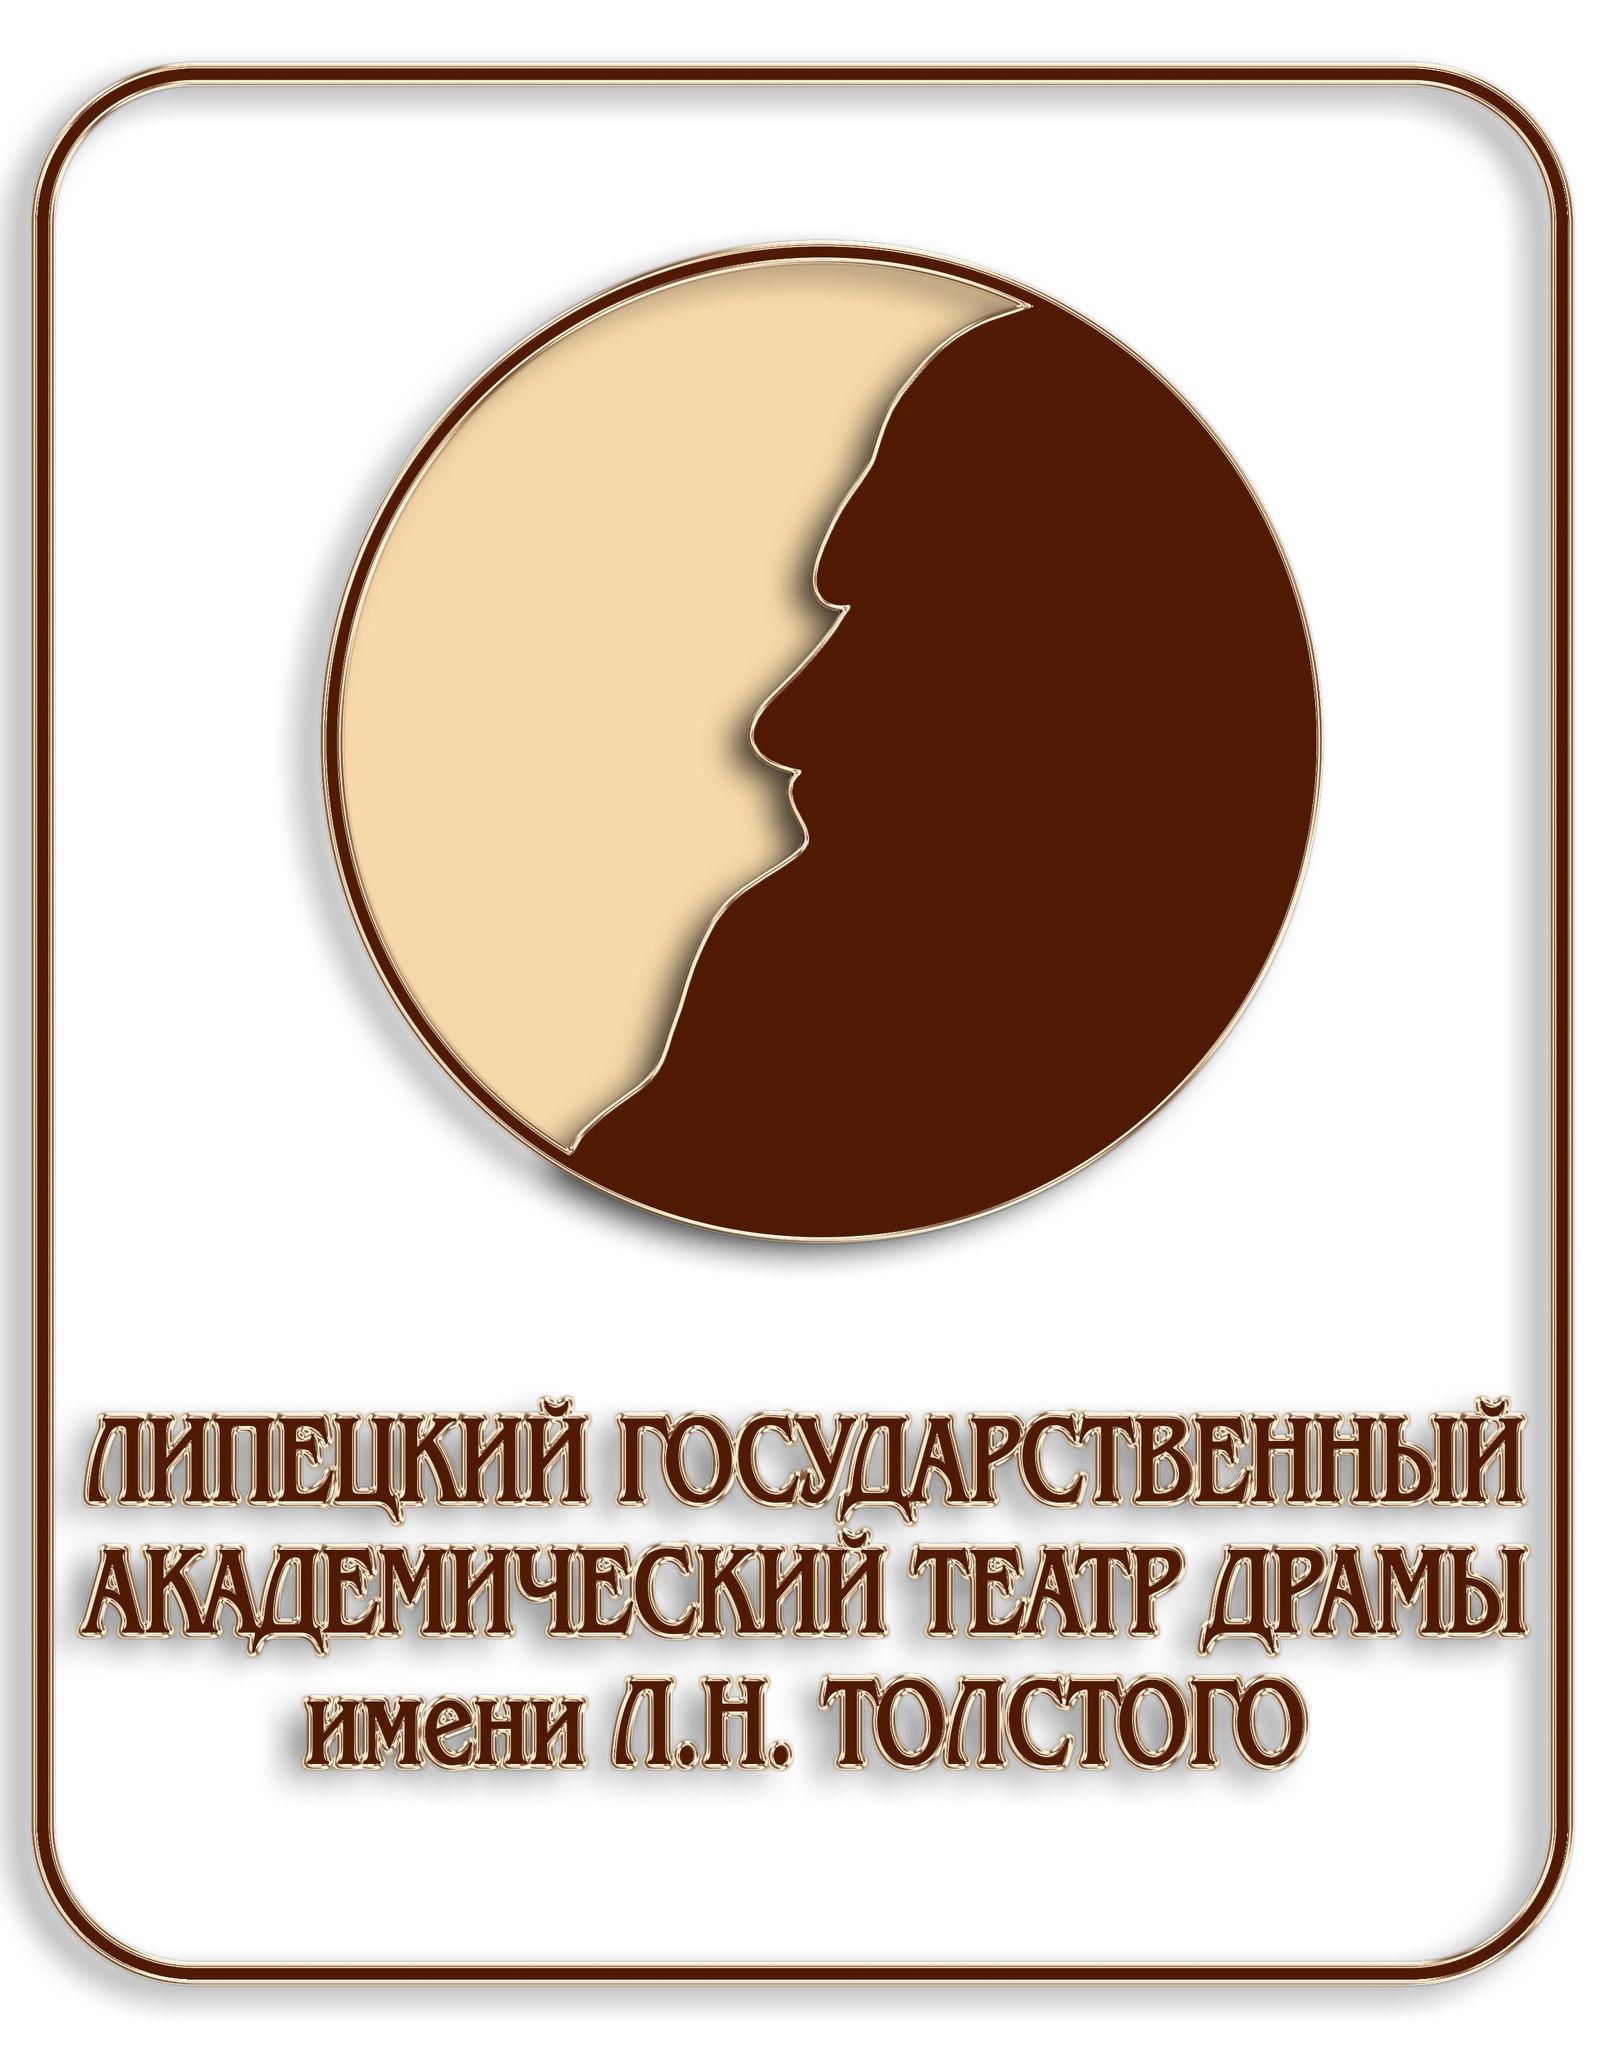 Липецкий государственный академический театр драмы имени Л. Н. Толстого